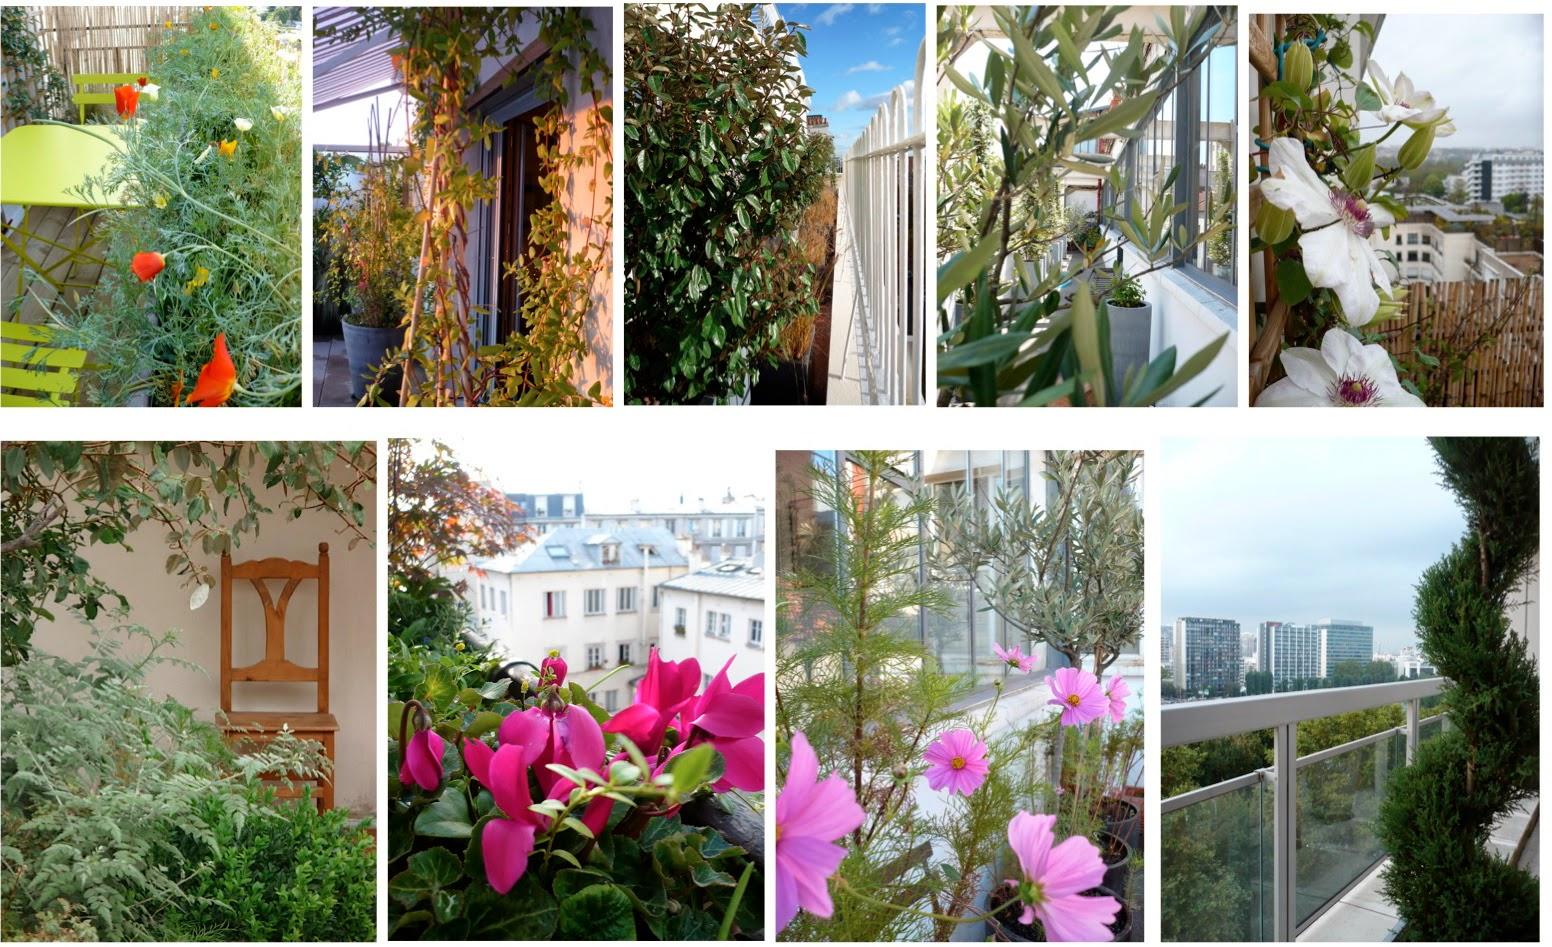 La nature en ville balcons fleuris for La nature en ville